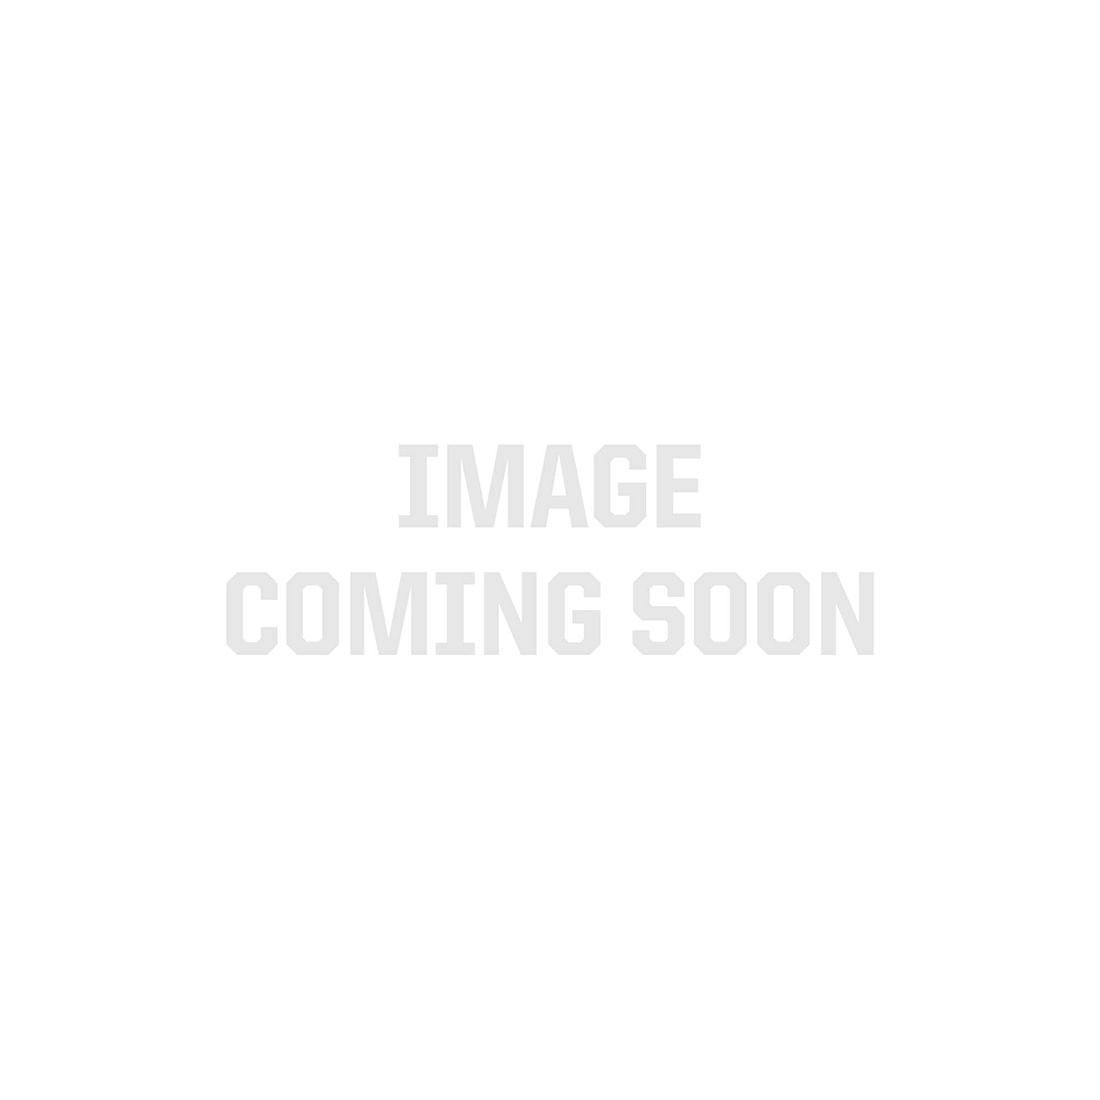 S14 Dimmable LED Christmas Light Bulb, E26 (Medium) Base, 0.96 watt (Cool White)